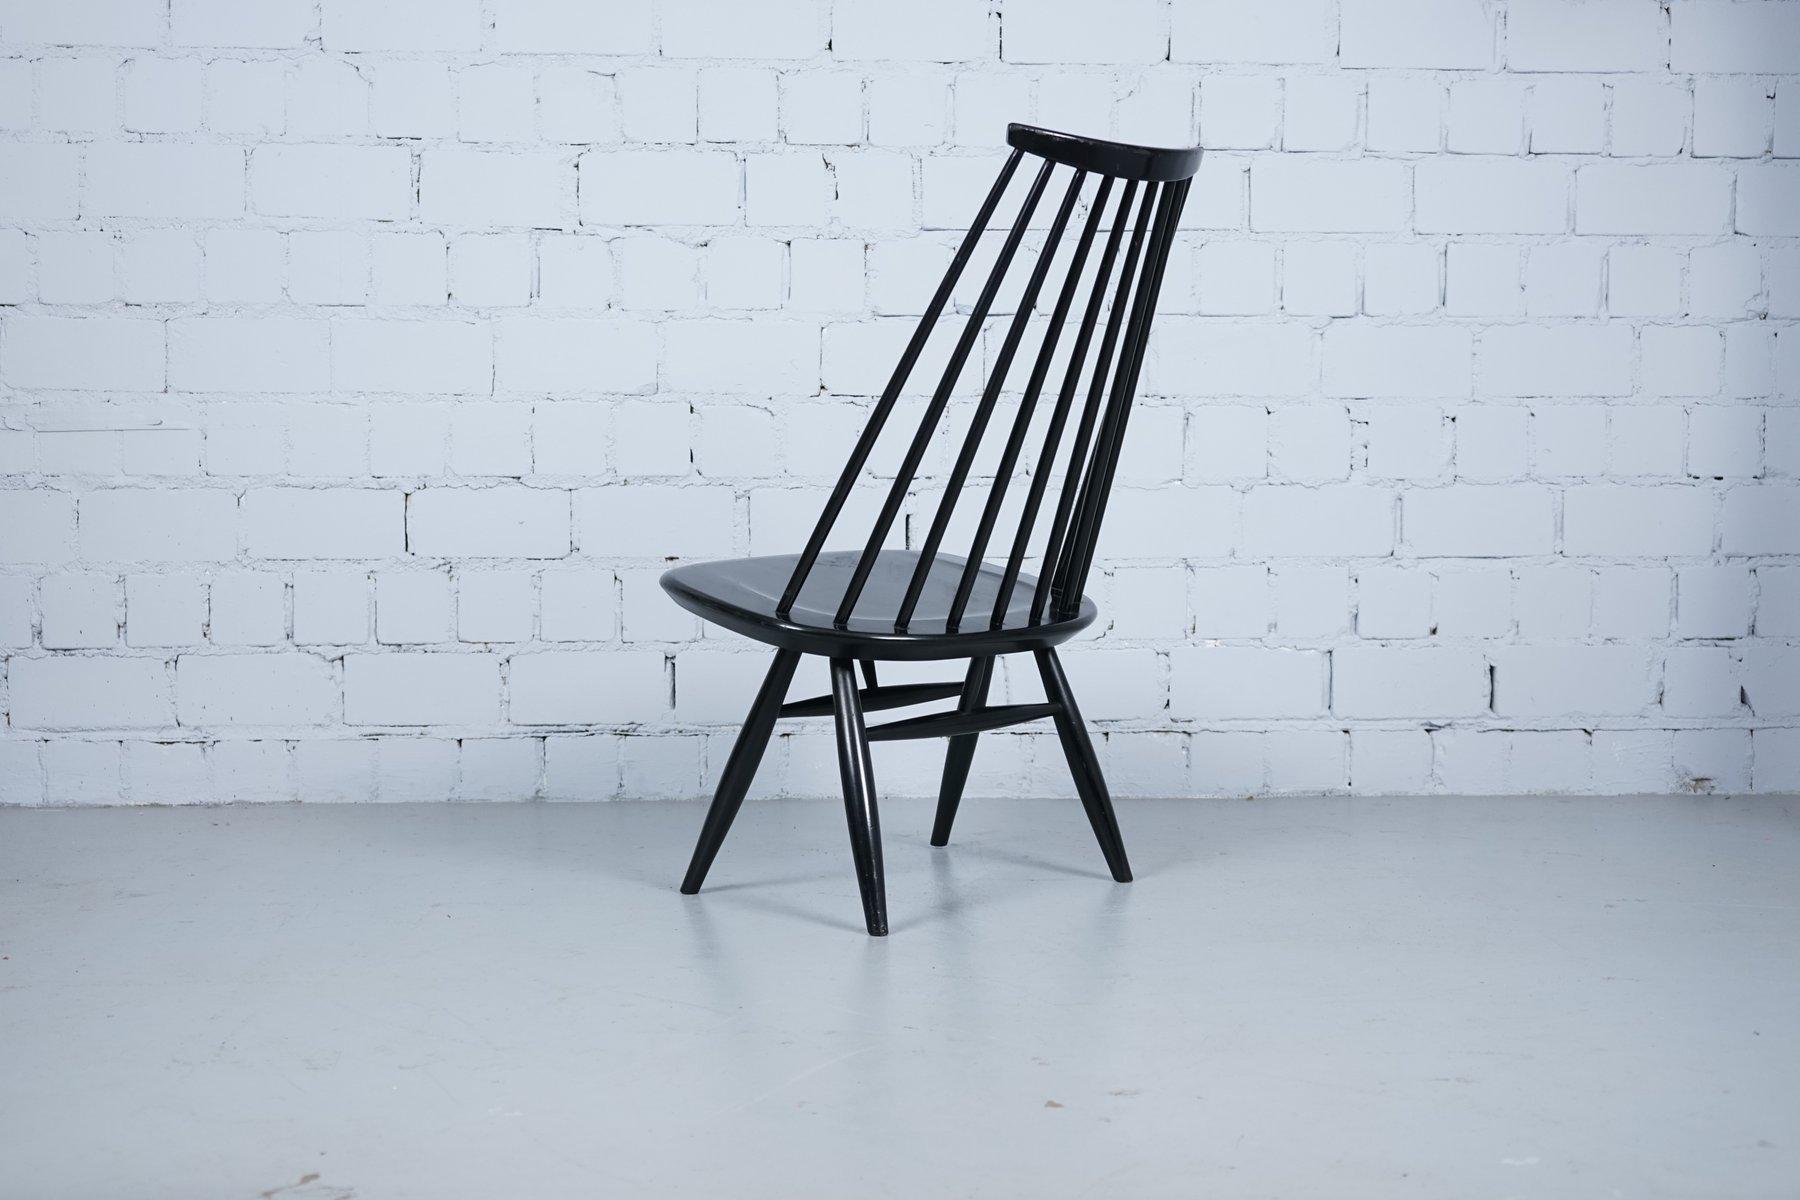 schwarze mademoiselle st hle von ilmari tapiovaara f r asko 1950er 2er set bei pamono kaufen. Black Bedroom Furniture Sets. Home Design Ideas